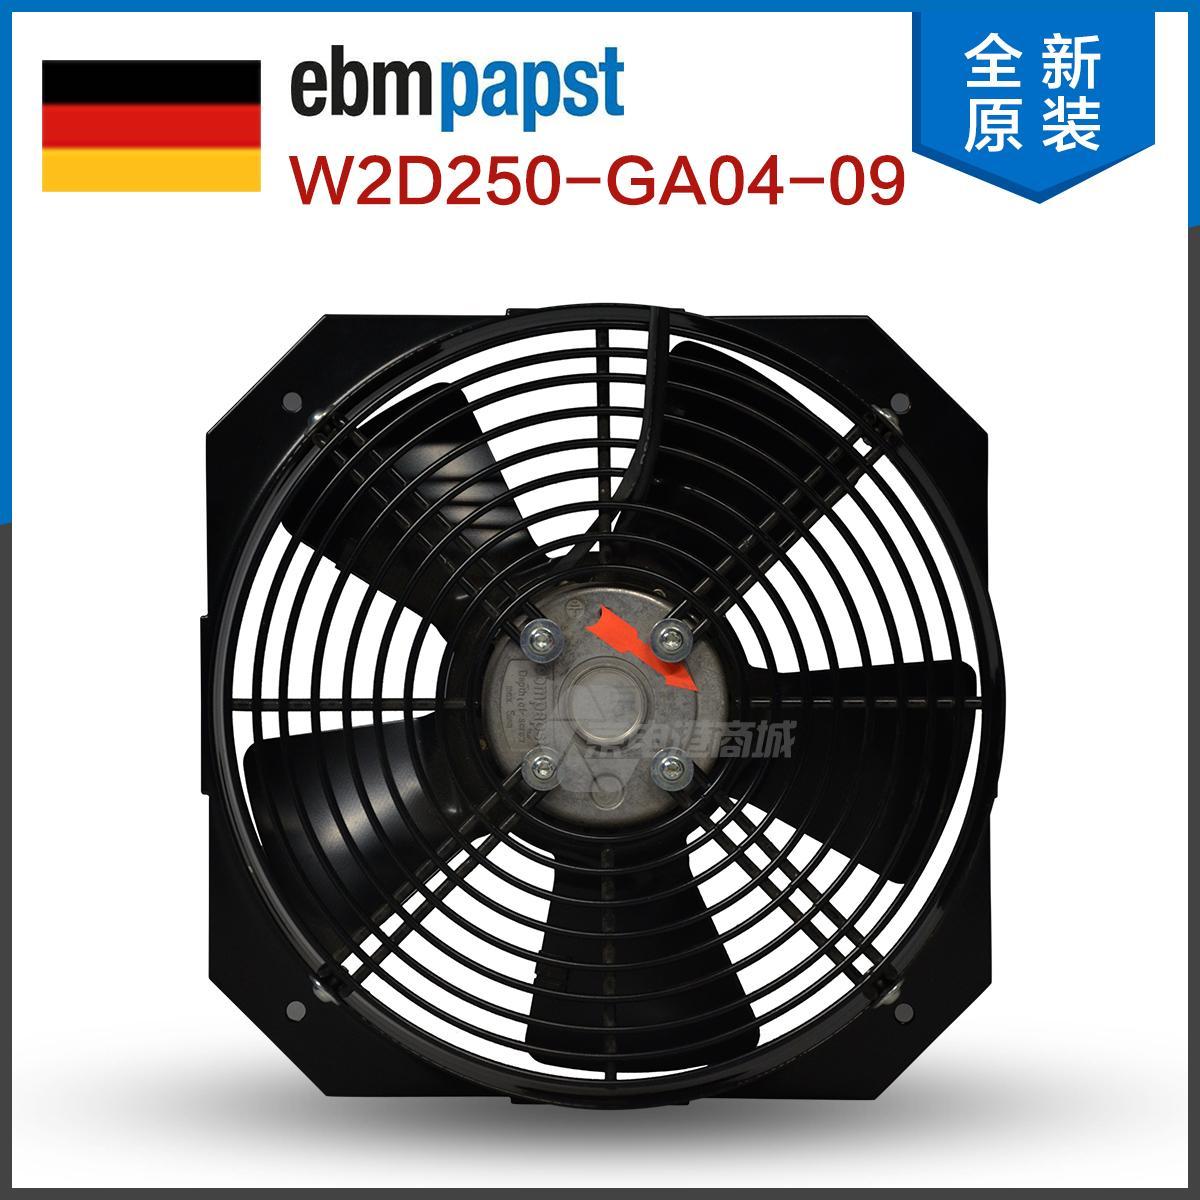 ebm-papst W2D250-GA04-09 φ250mm Axial flow fan